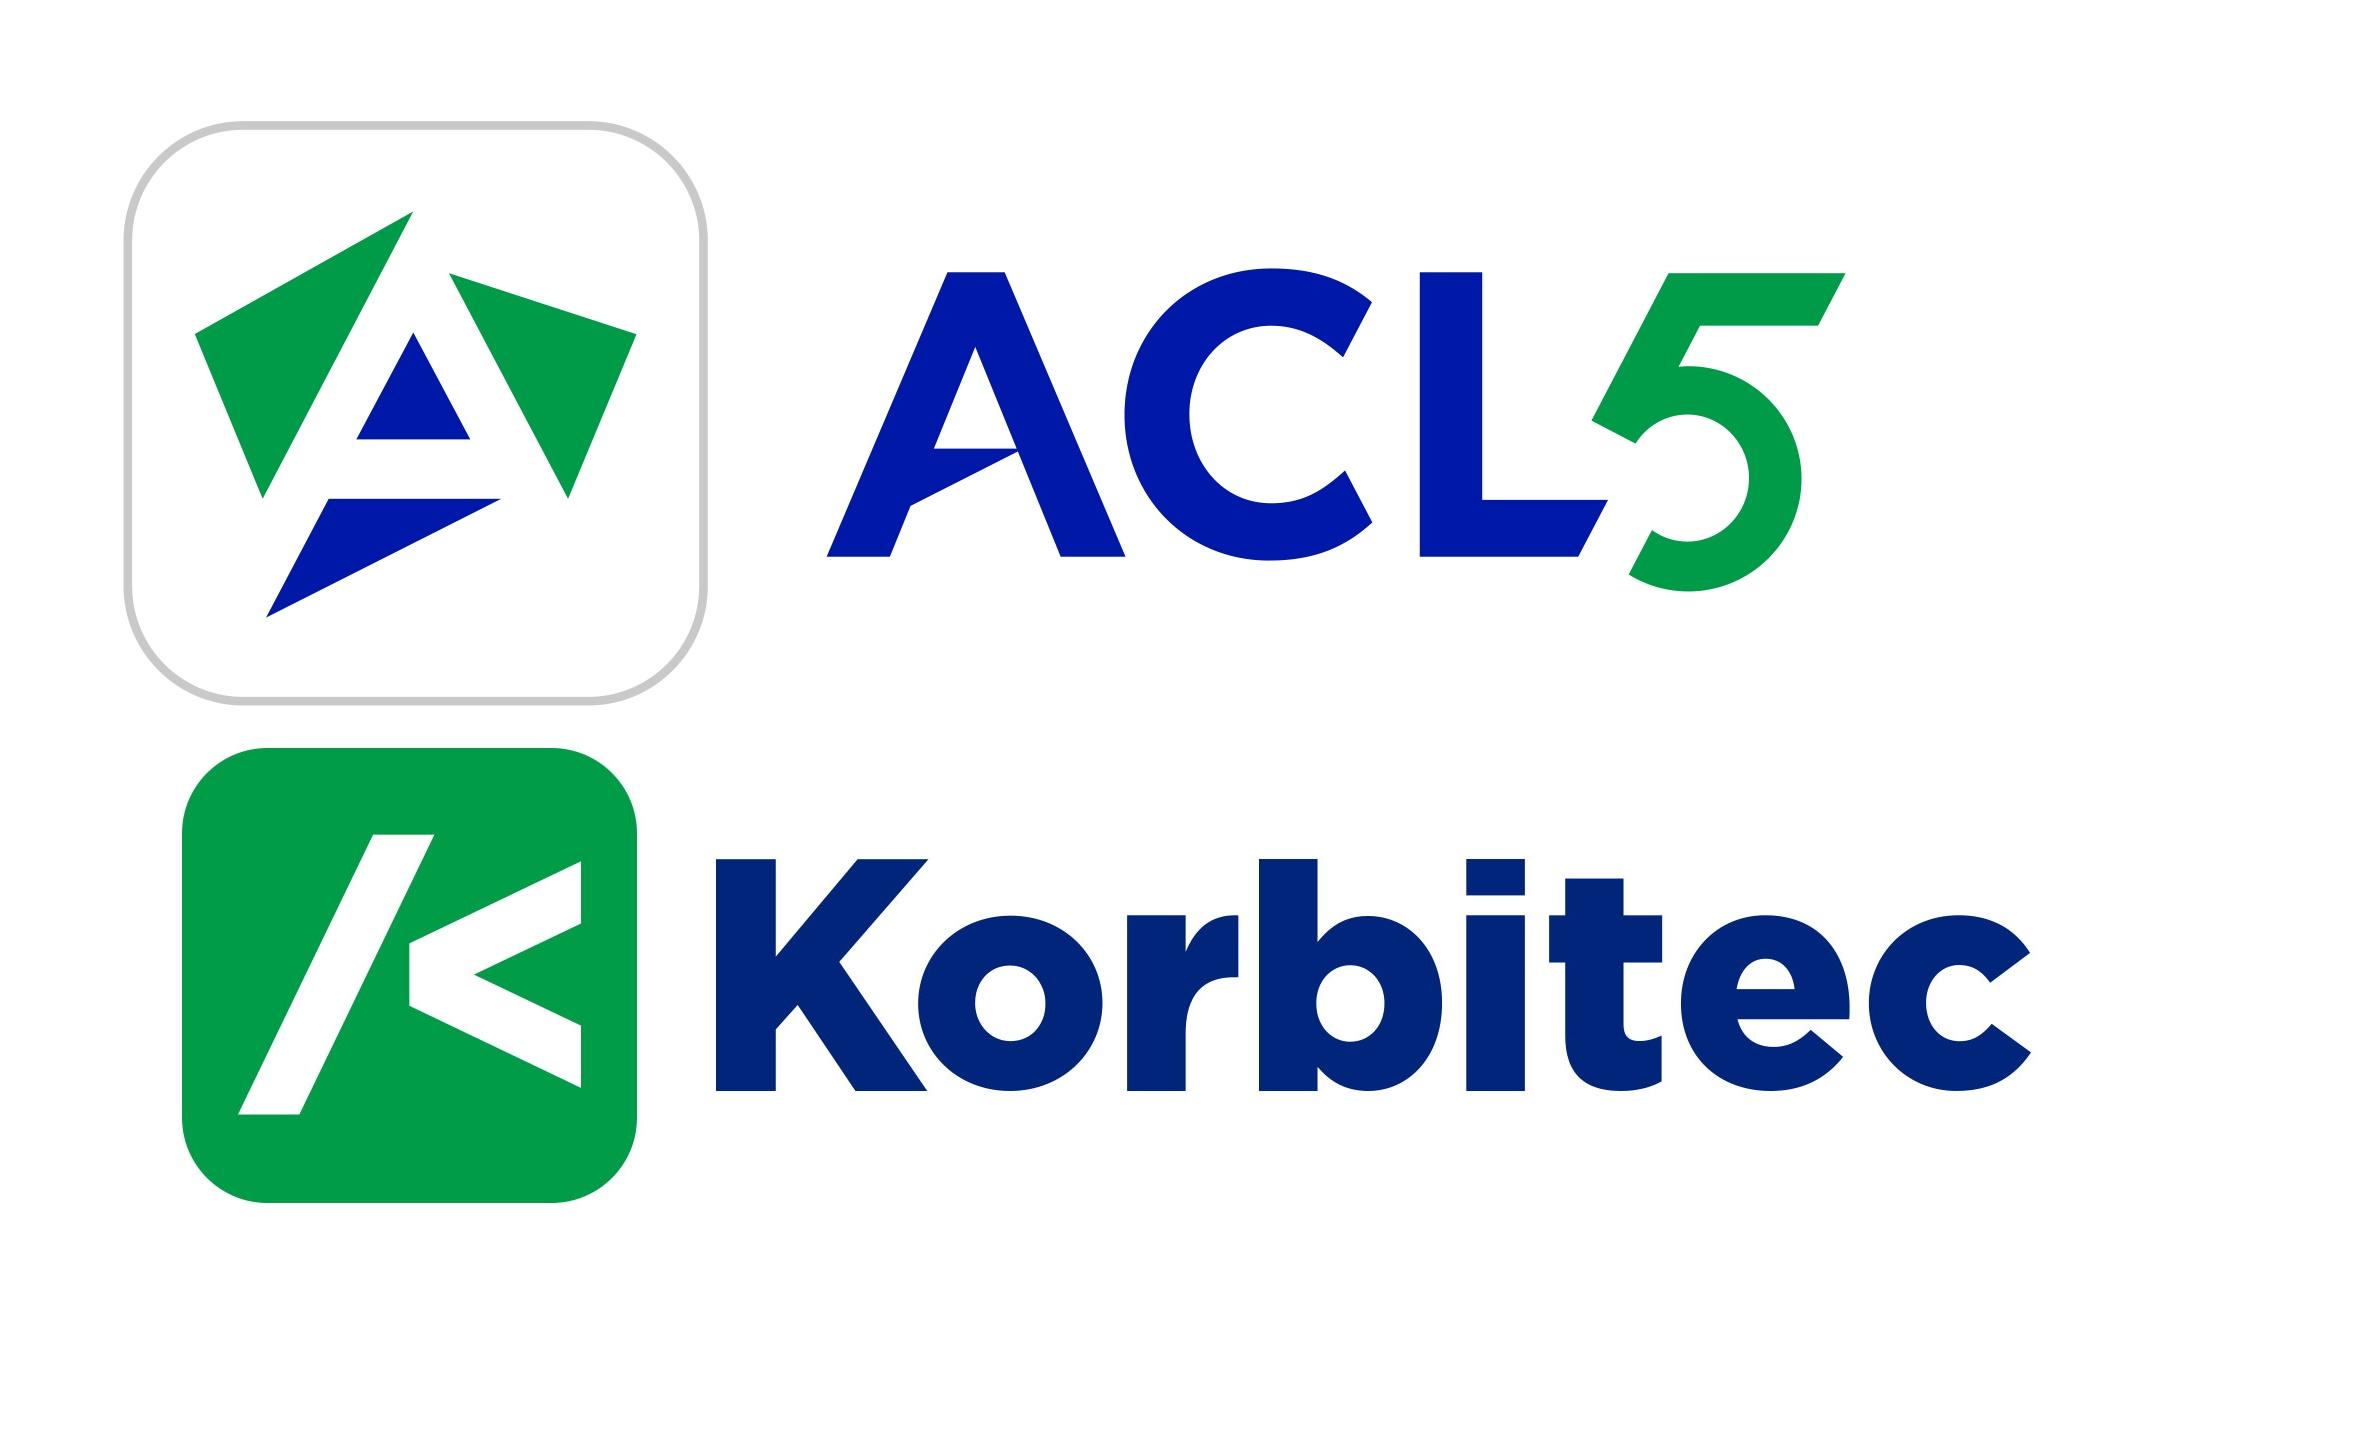 Korbited/ACL Logo